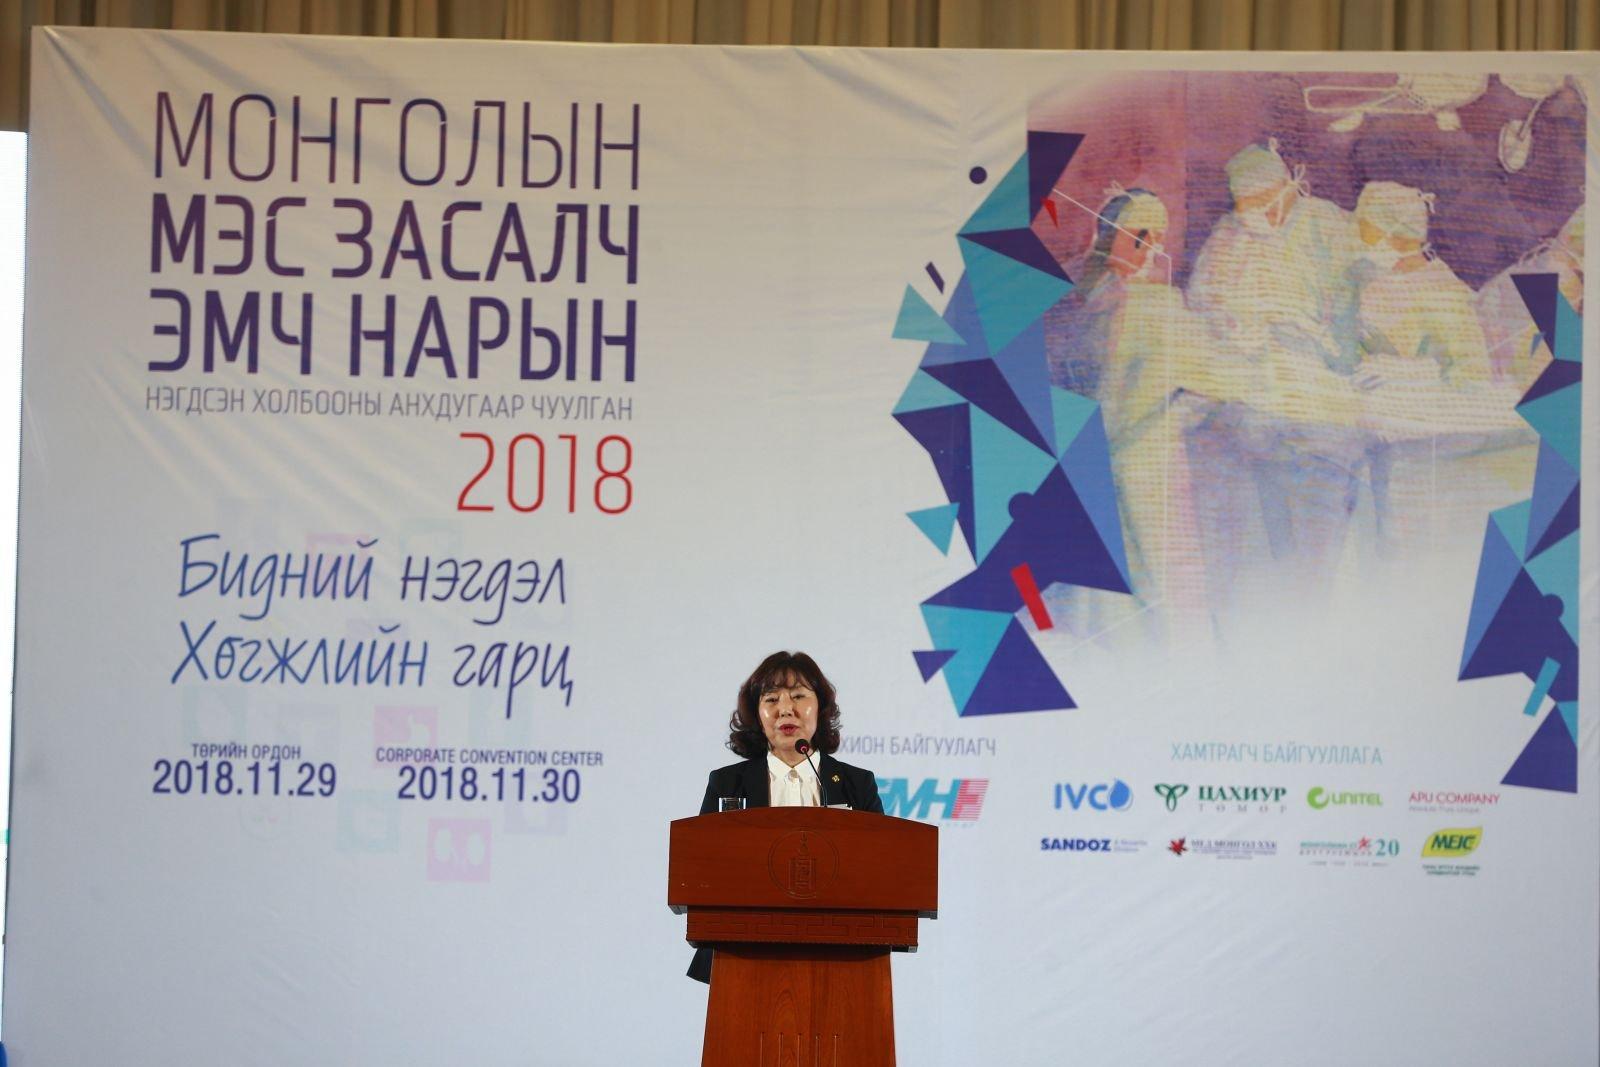 Монголын мэс засалч эмч нарын нэгдсэн холбооны Анхдугаар чуулган боллоо